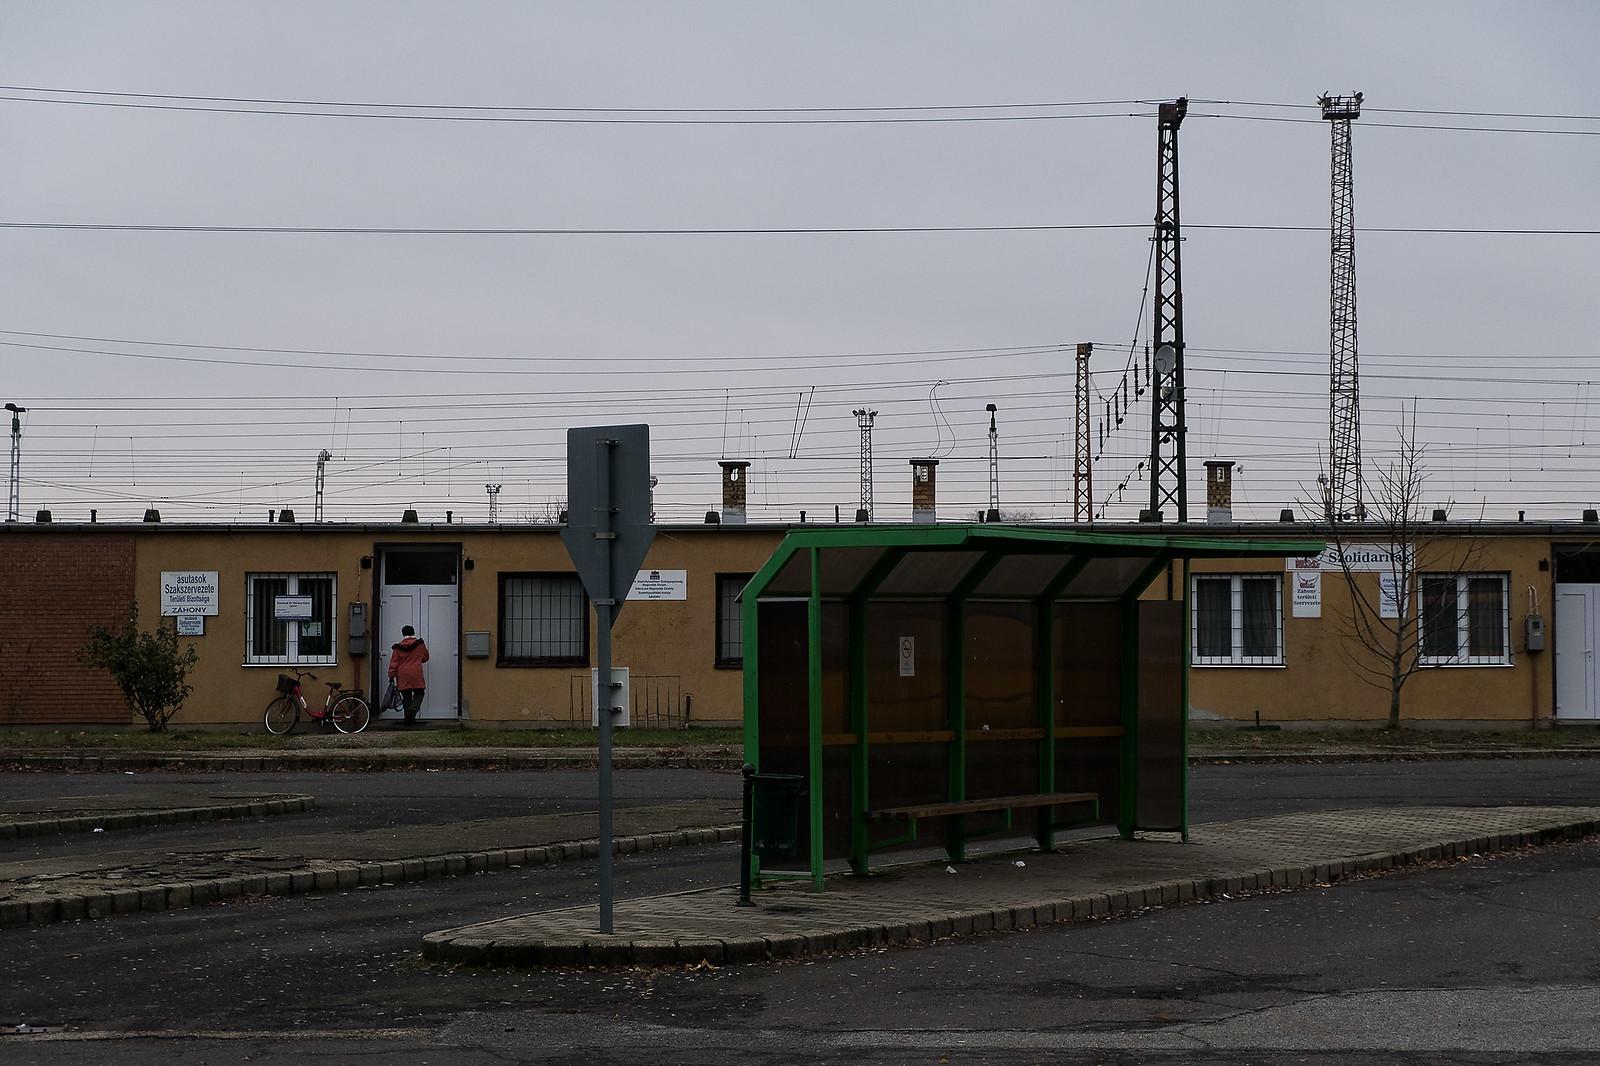 Buszpályaudvar a vasútállomás mellett Záhonyban | Fotó: Magócsi Márton